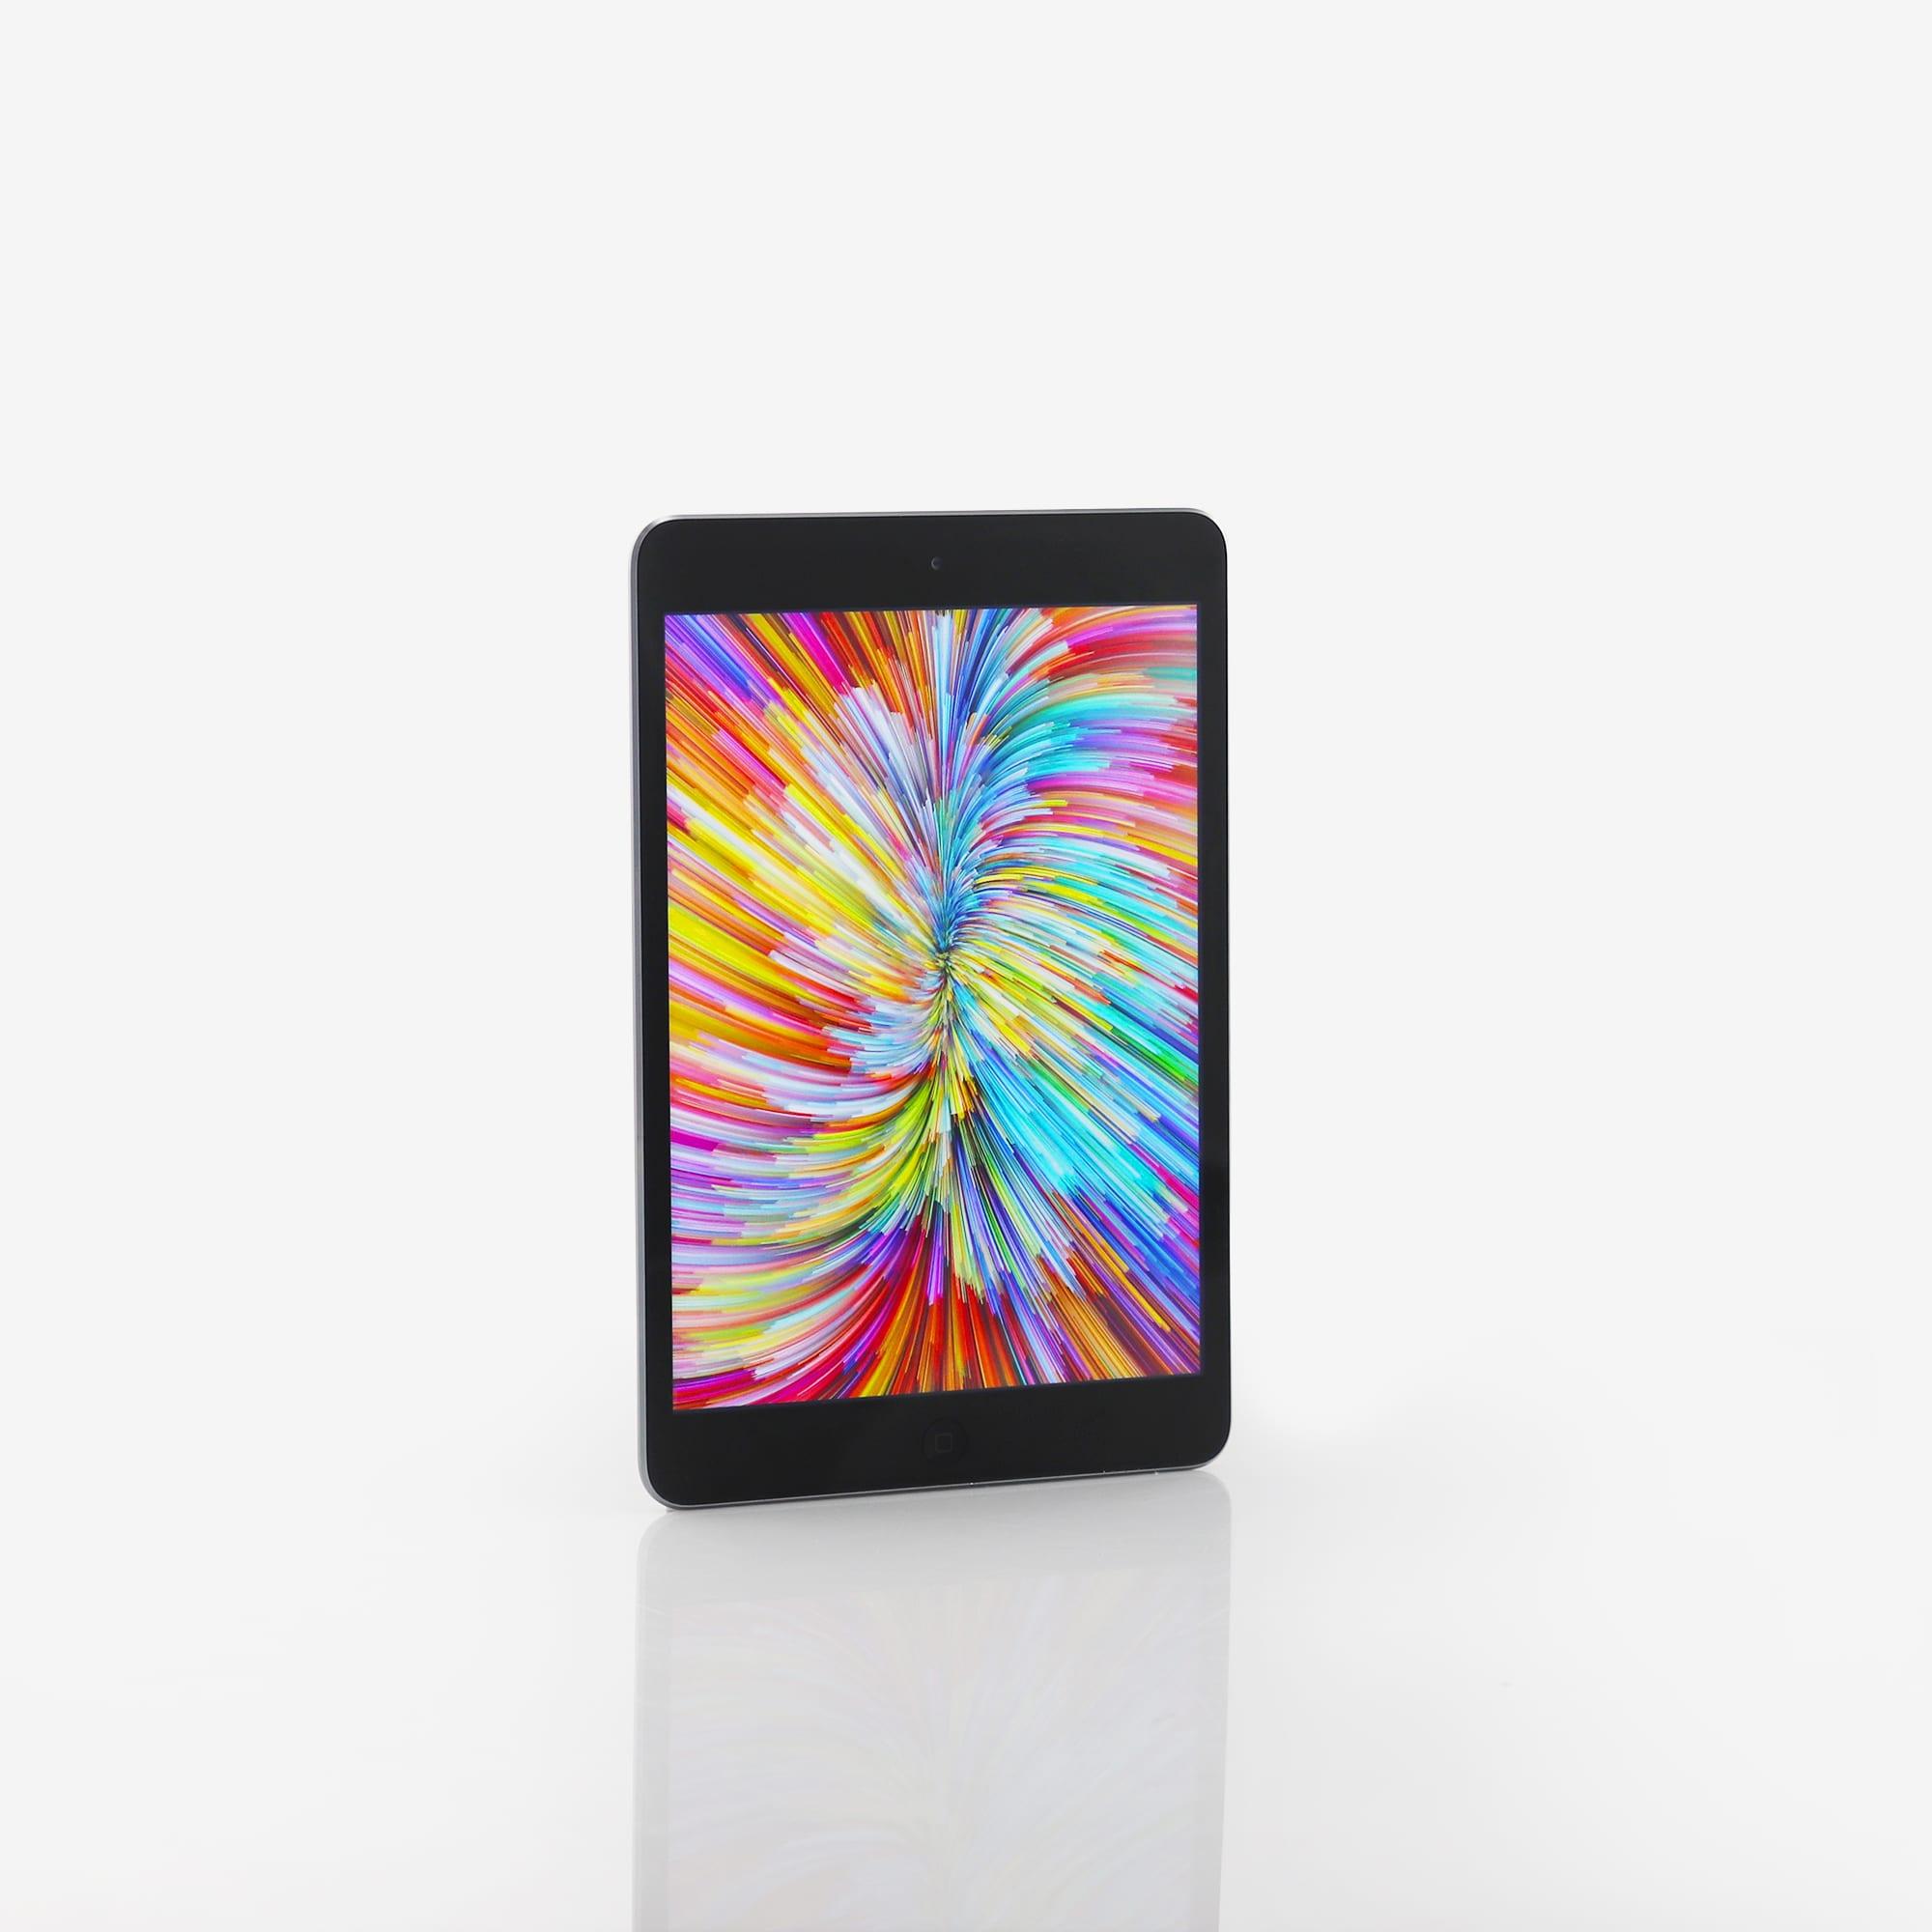 1 x iPad mini 2 (Wi-Fi) Space Grey